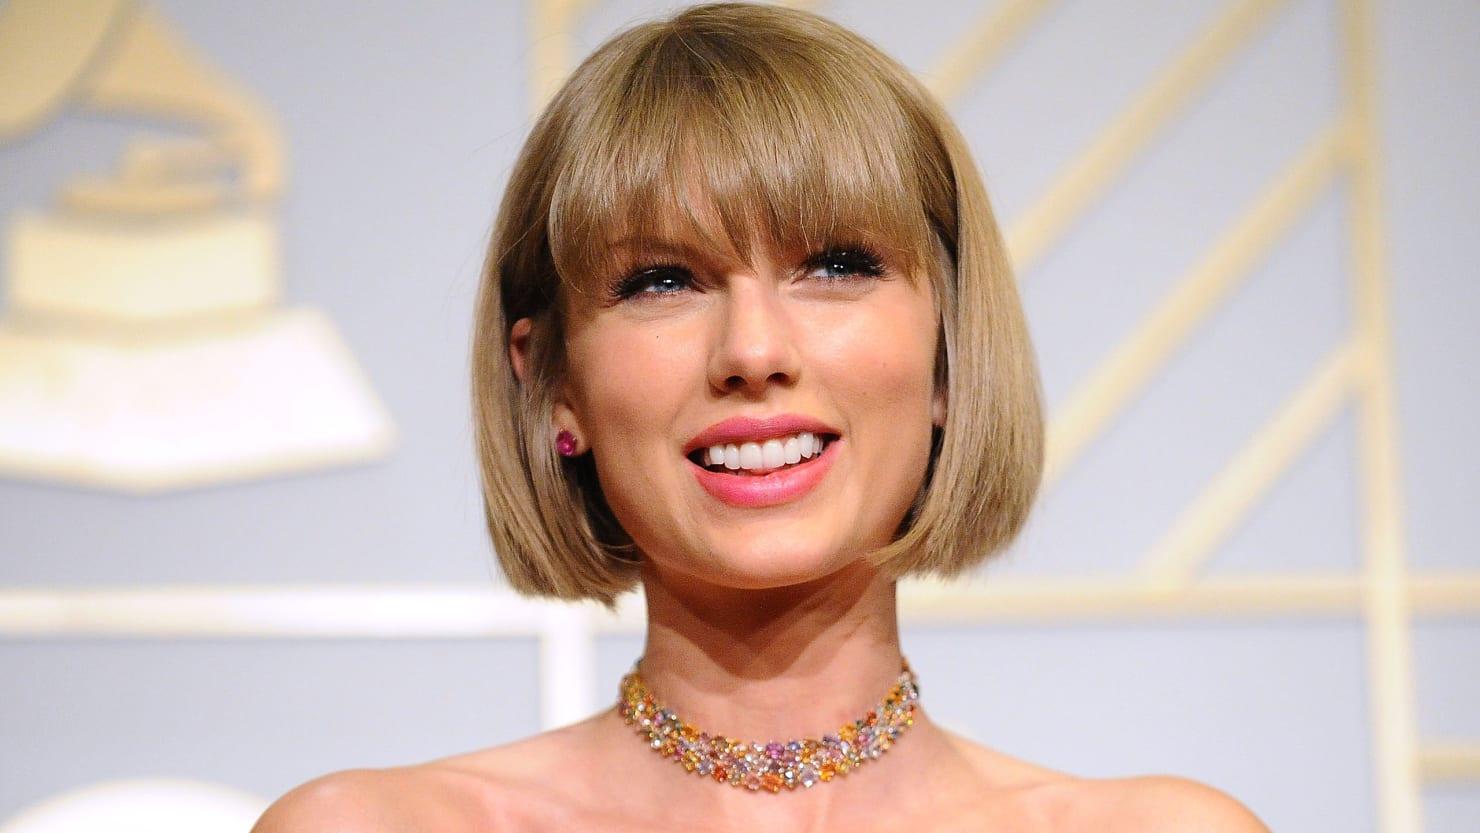 Taylor Swift Is No Silence Breaker